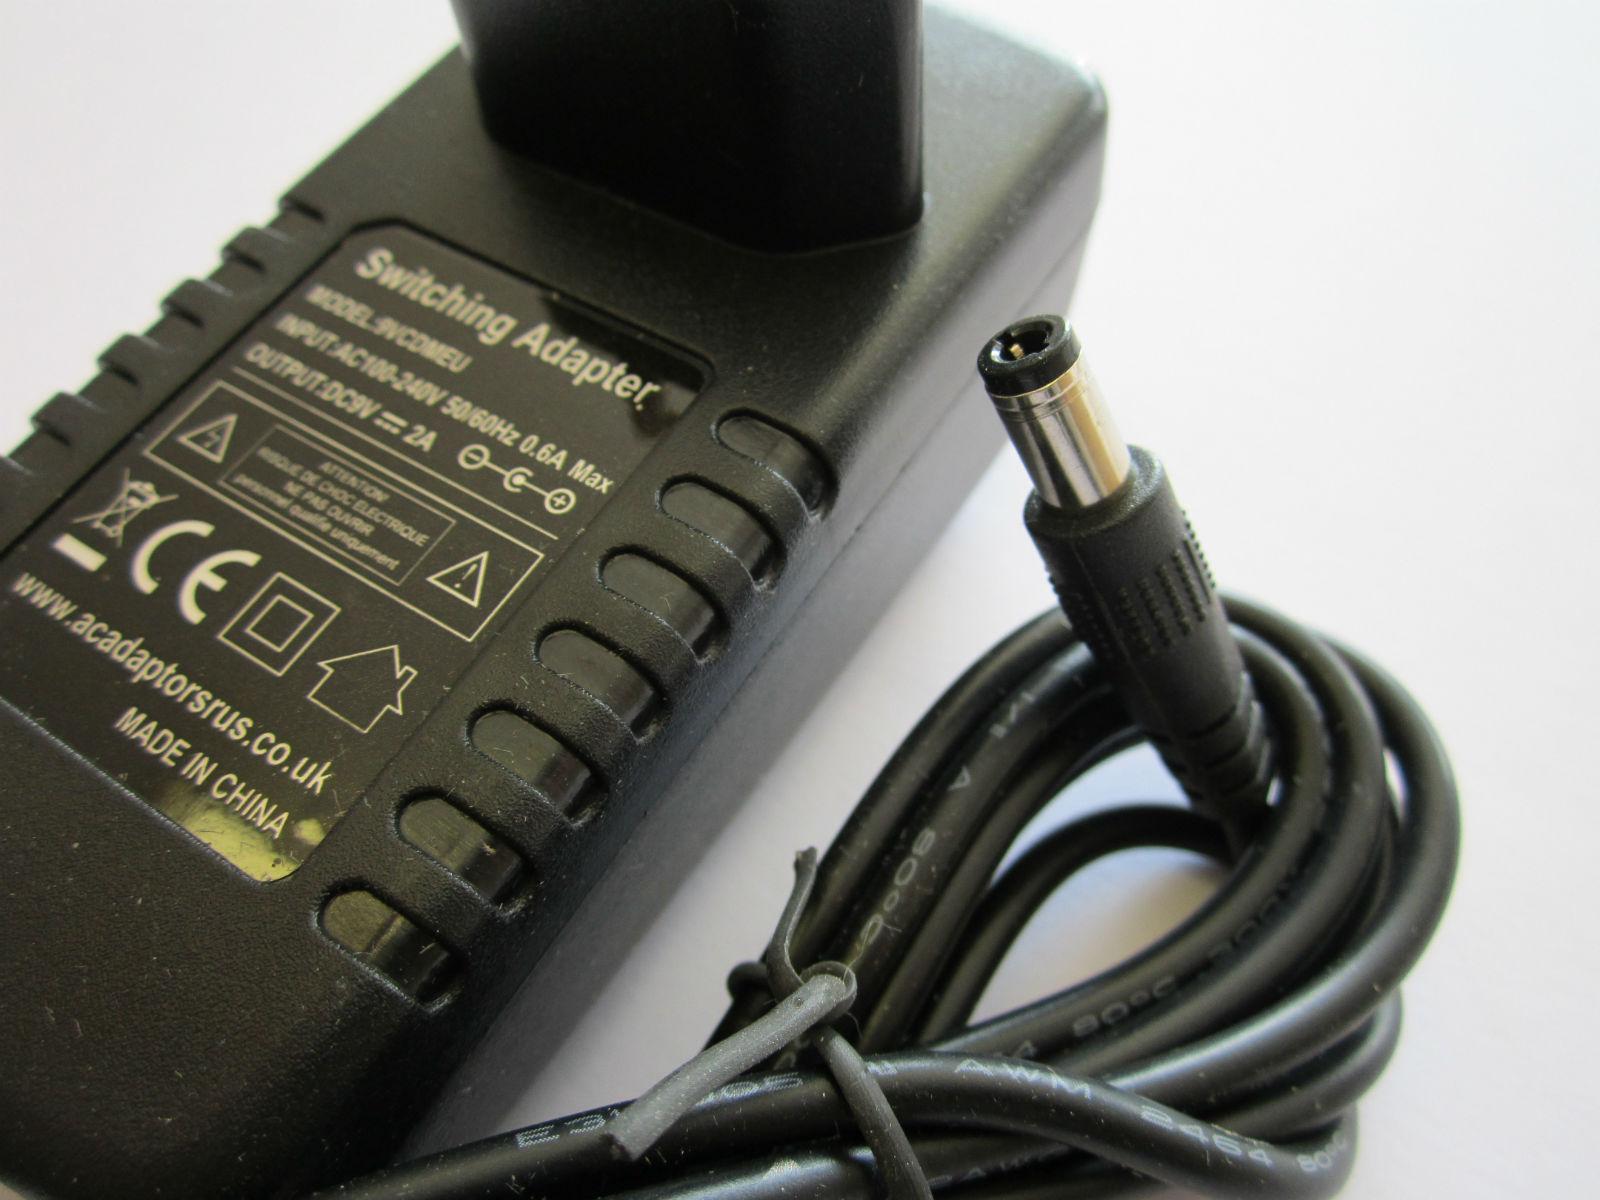 Eu 2 Pin Lei Mv12 Y090100 C5 I T E Ac Dc Travel Adapter